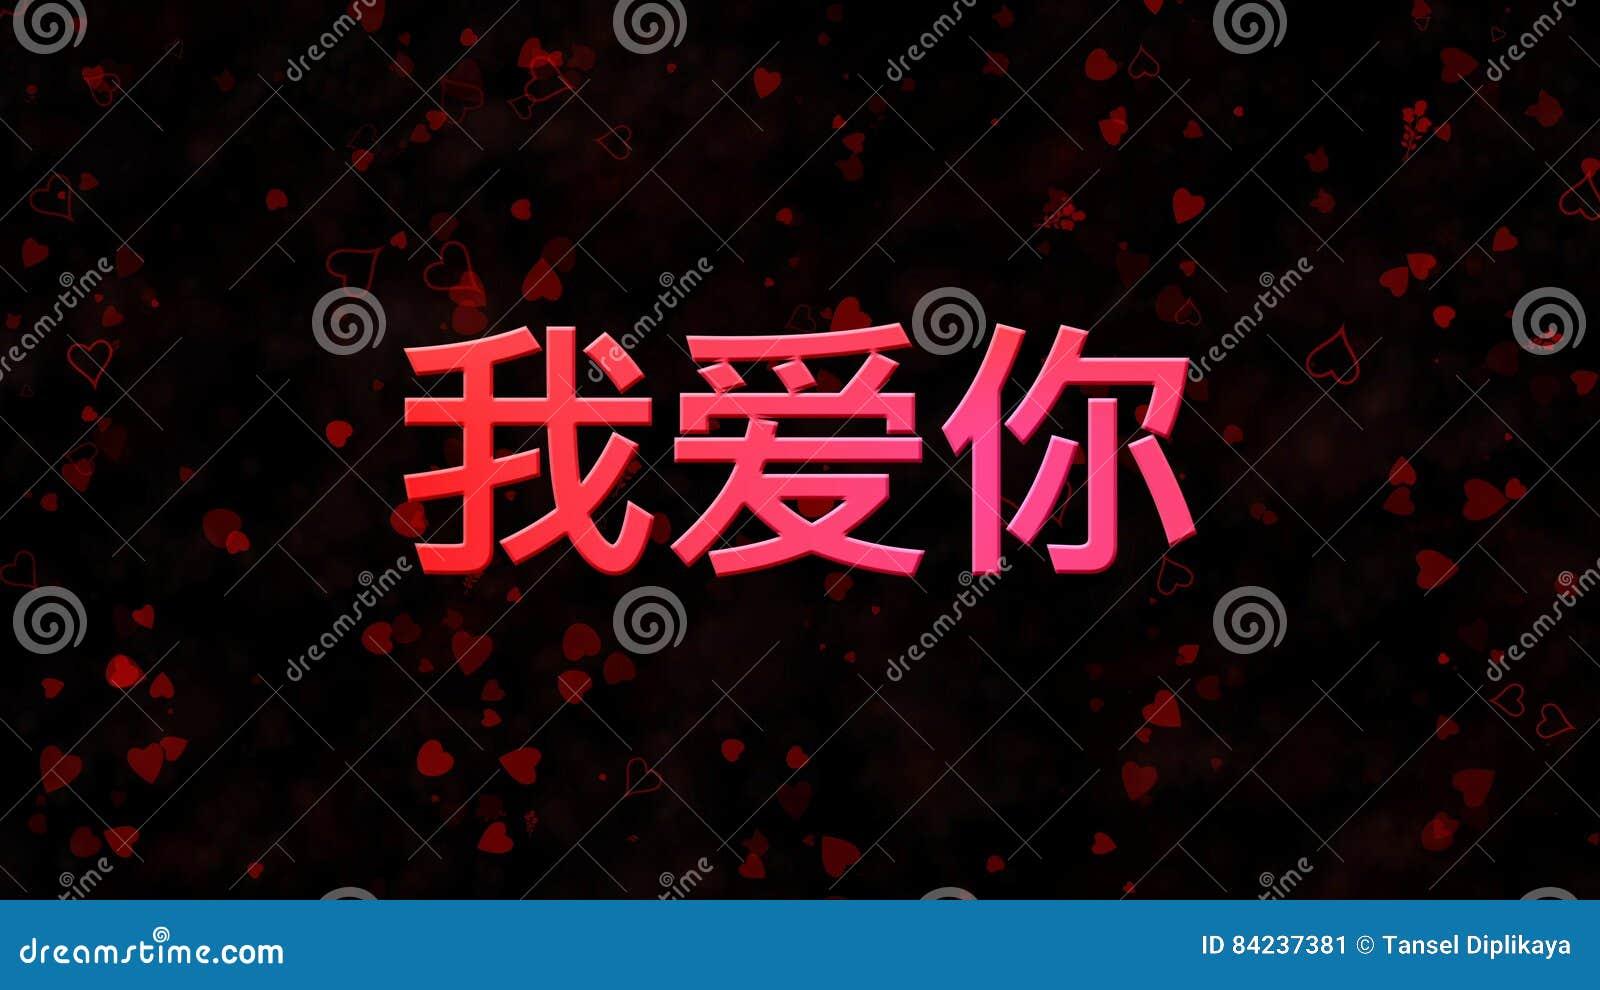 Ich Liebe Dich Text Auf Chinesisch Auf Dunklem Hintergrund Stock